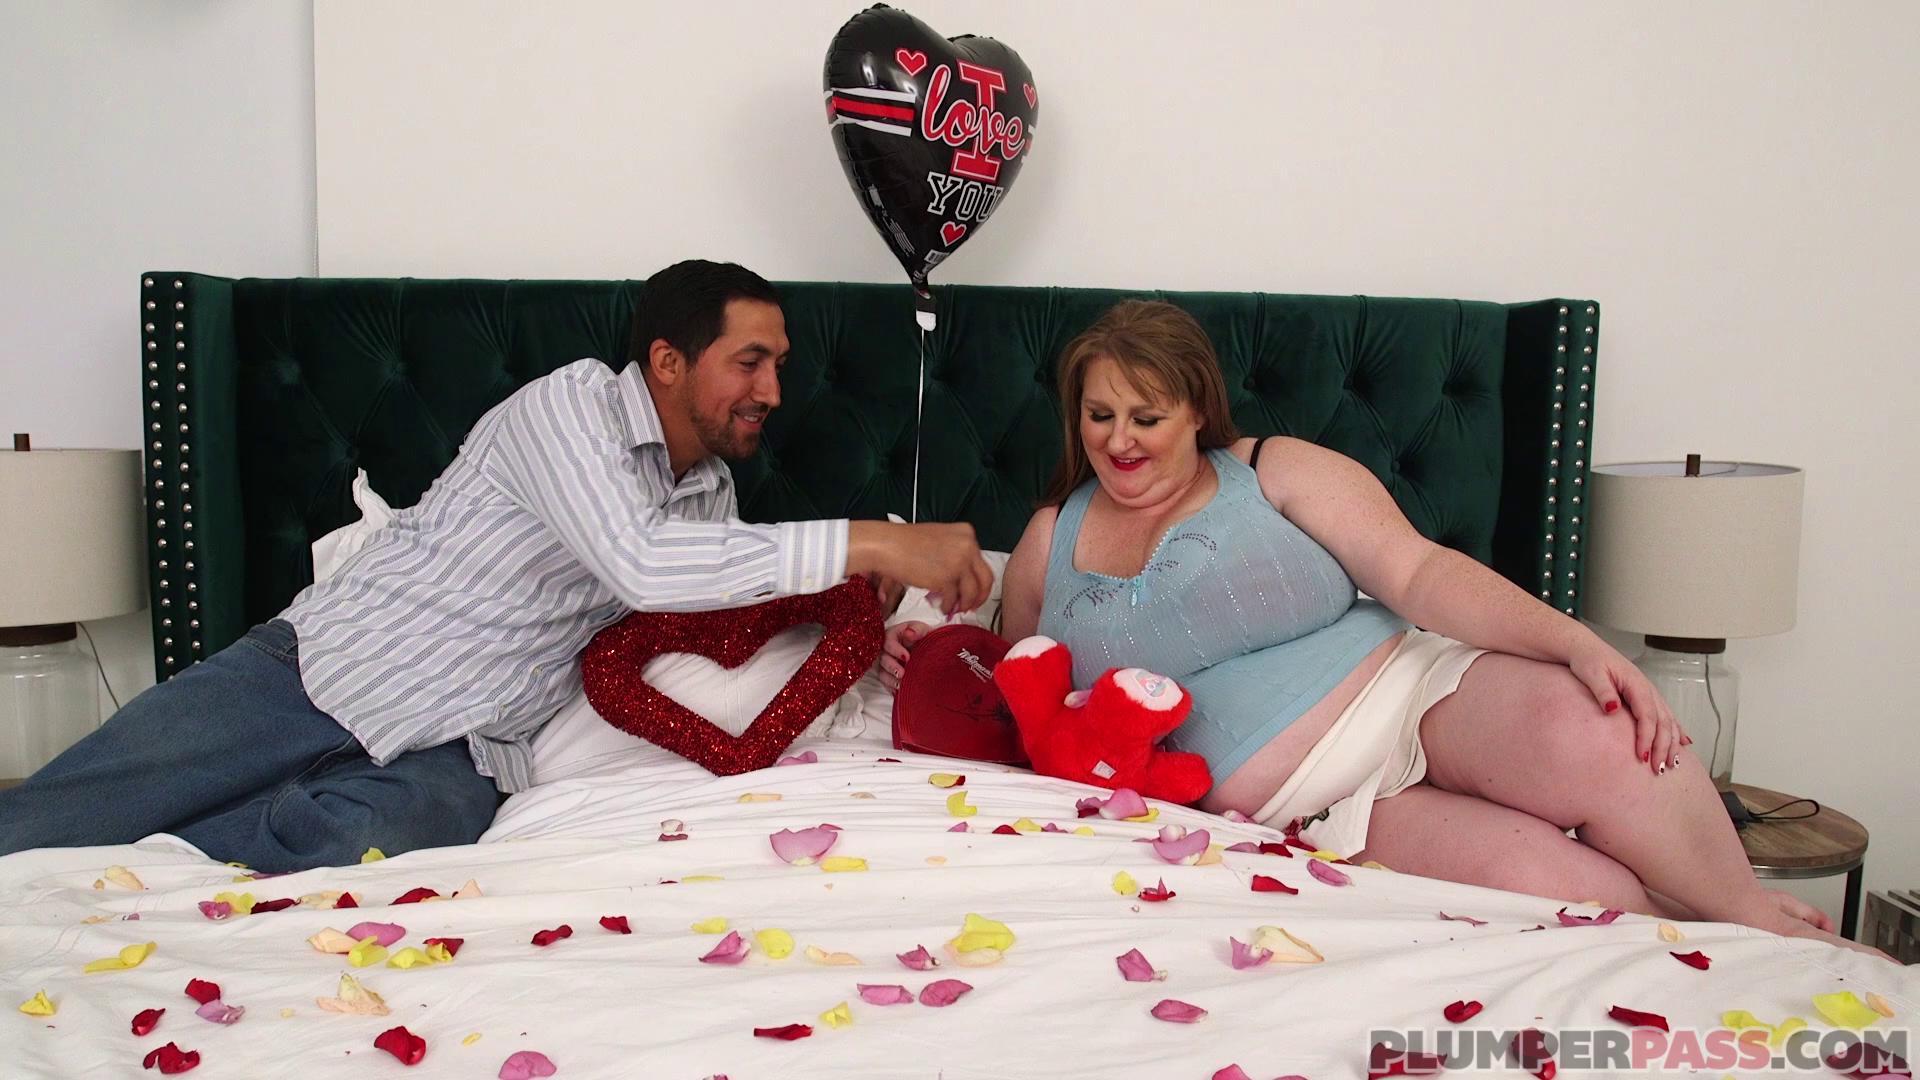 PlumperPass – Sapphire My Voluptuous Valentine